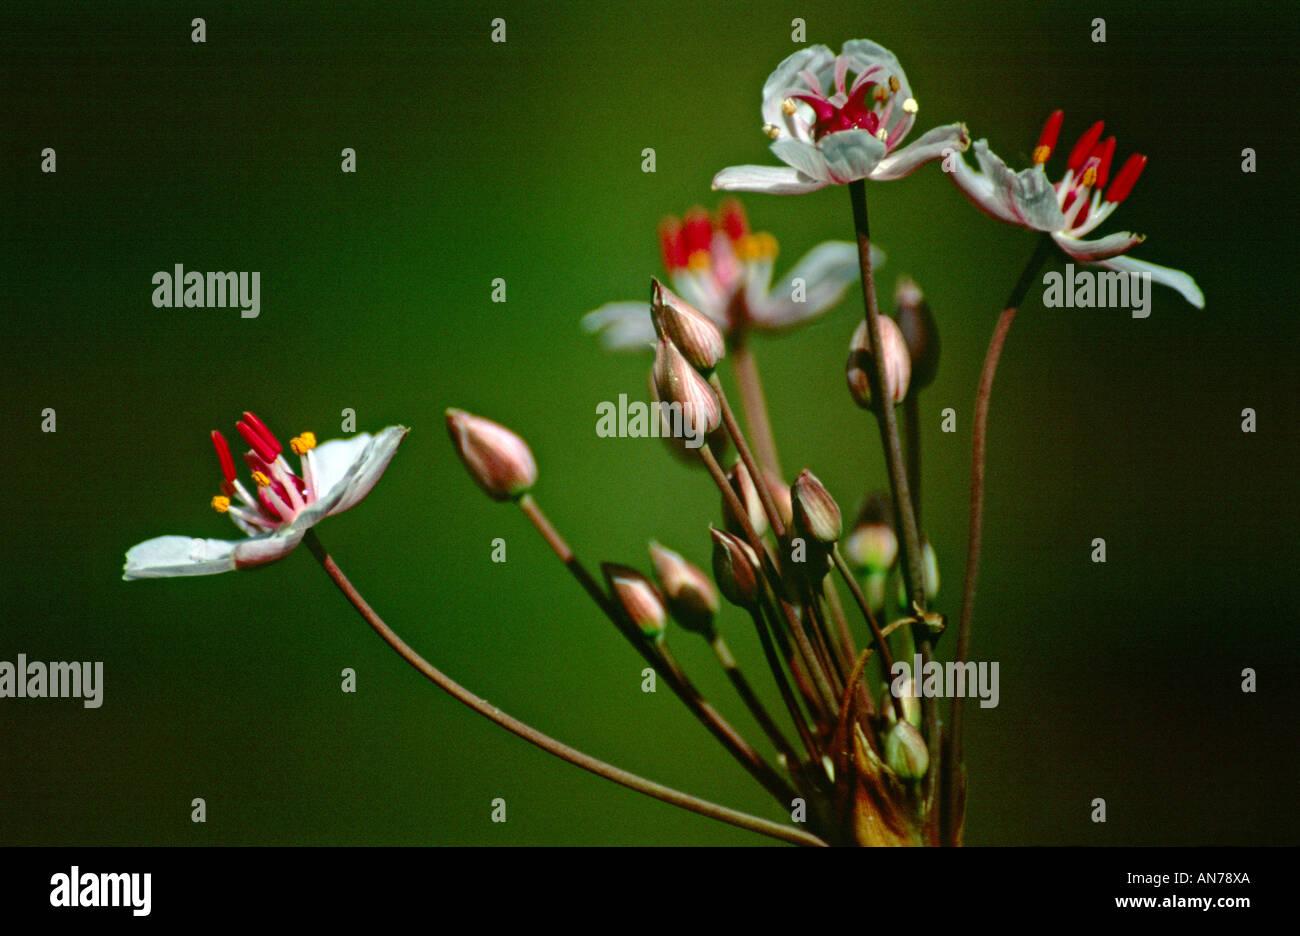 butomus umbellatus butomaceae jonc fleuri Stock Photo